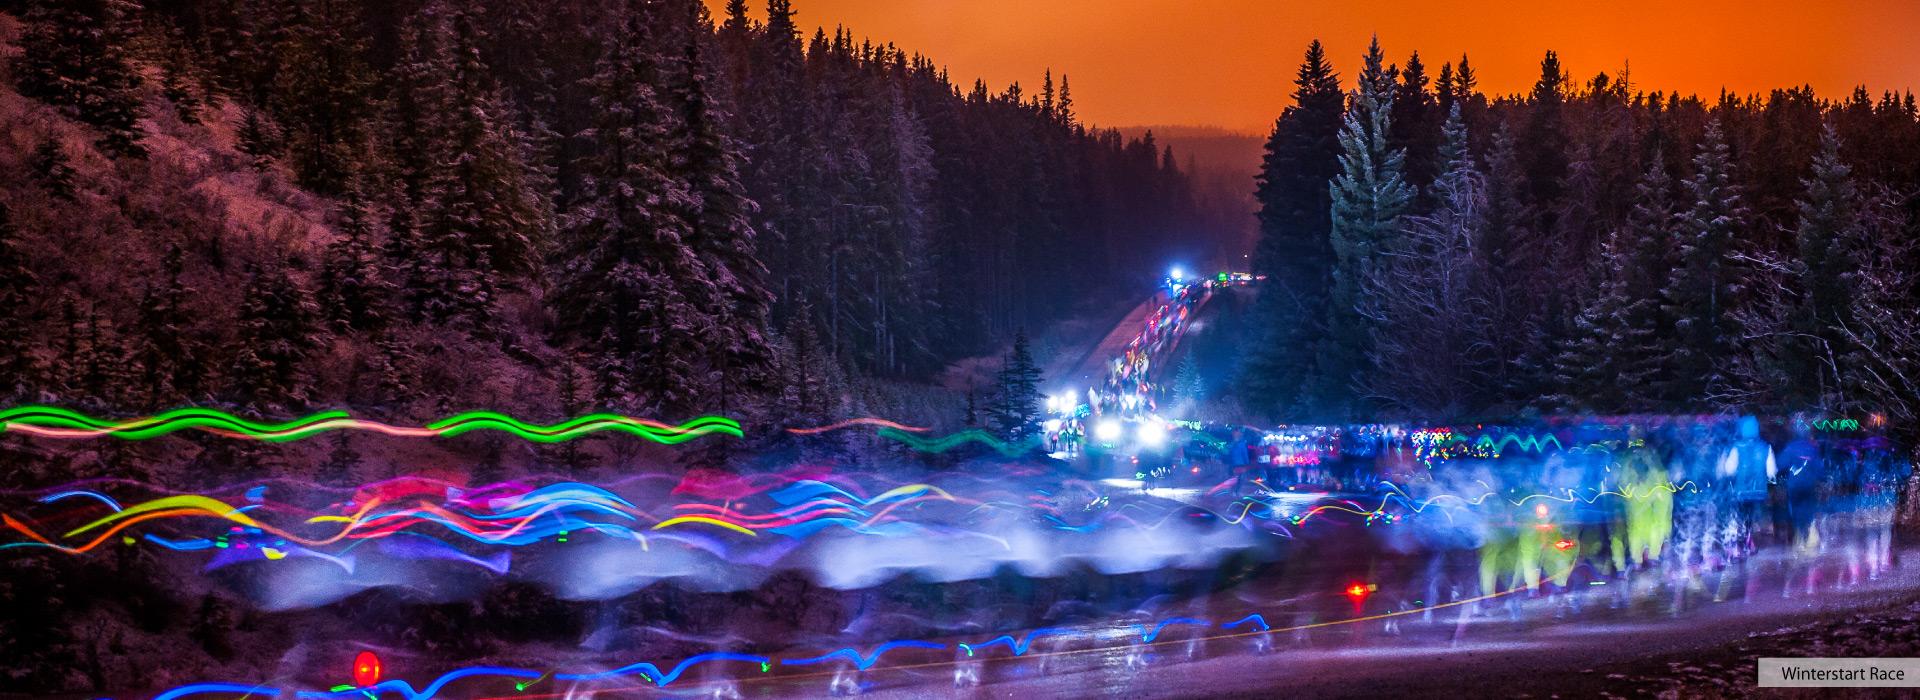 Winterstart Race